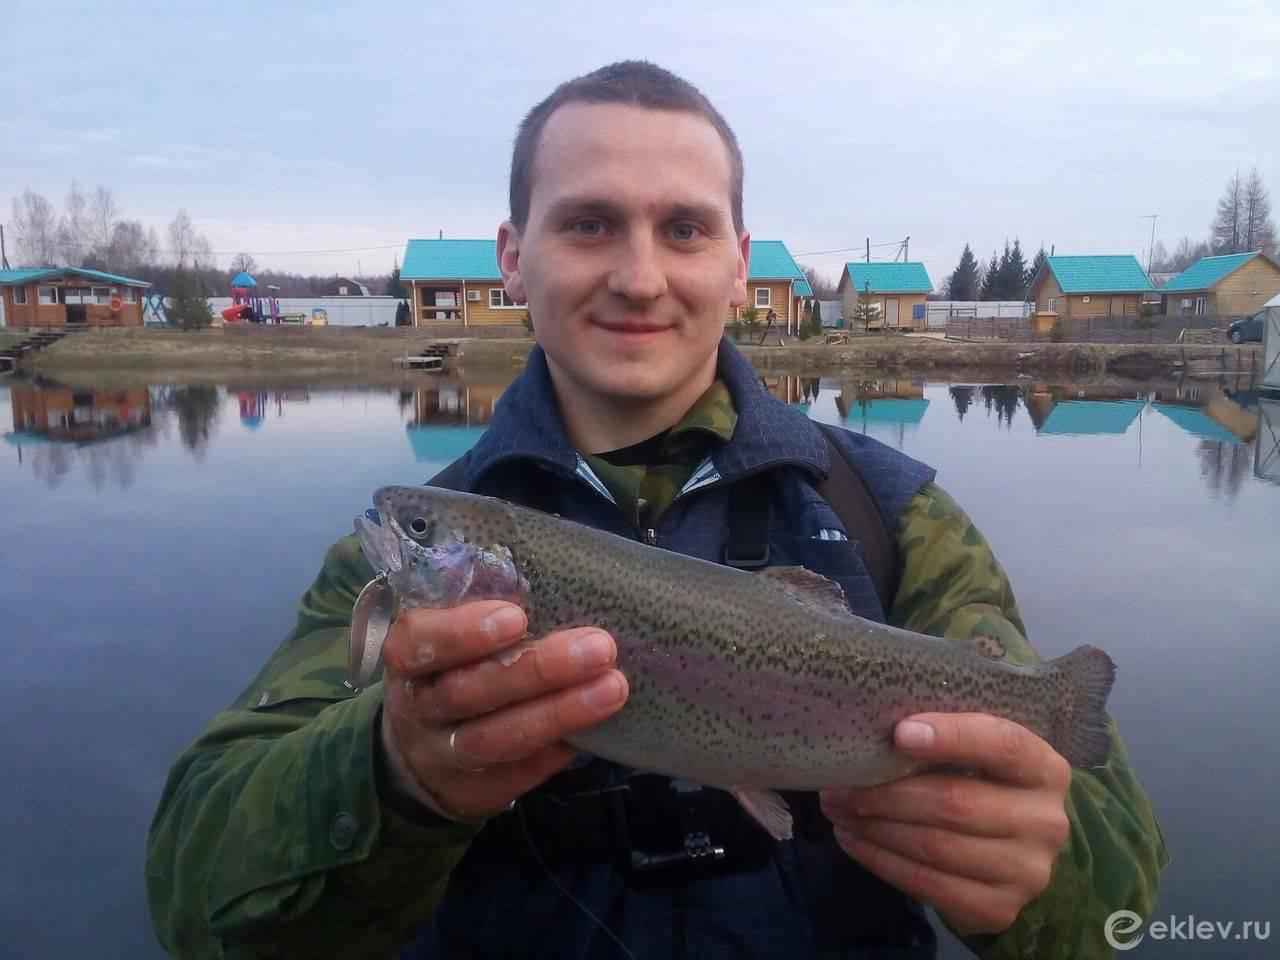 Платная рыбалка во владимирской области: рыболовные базы, водоемы и туры владимирской области